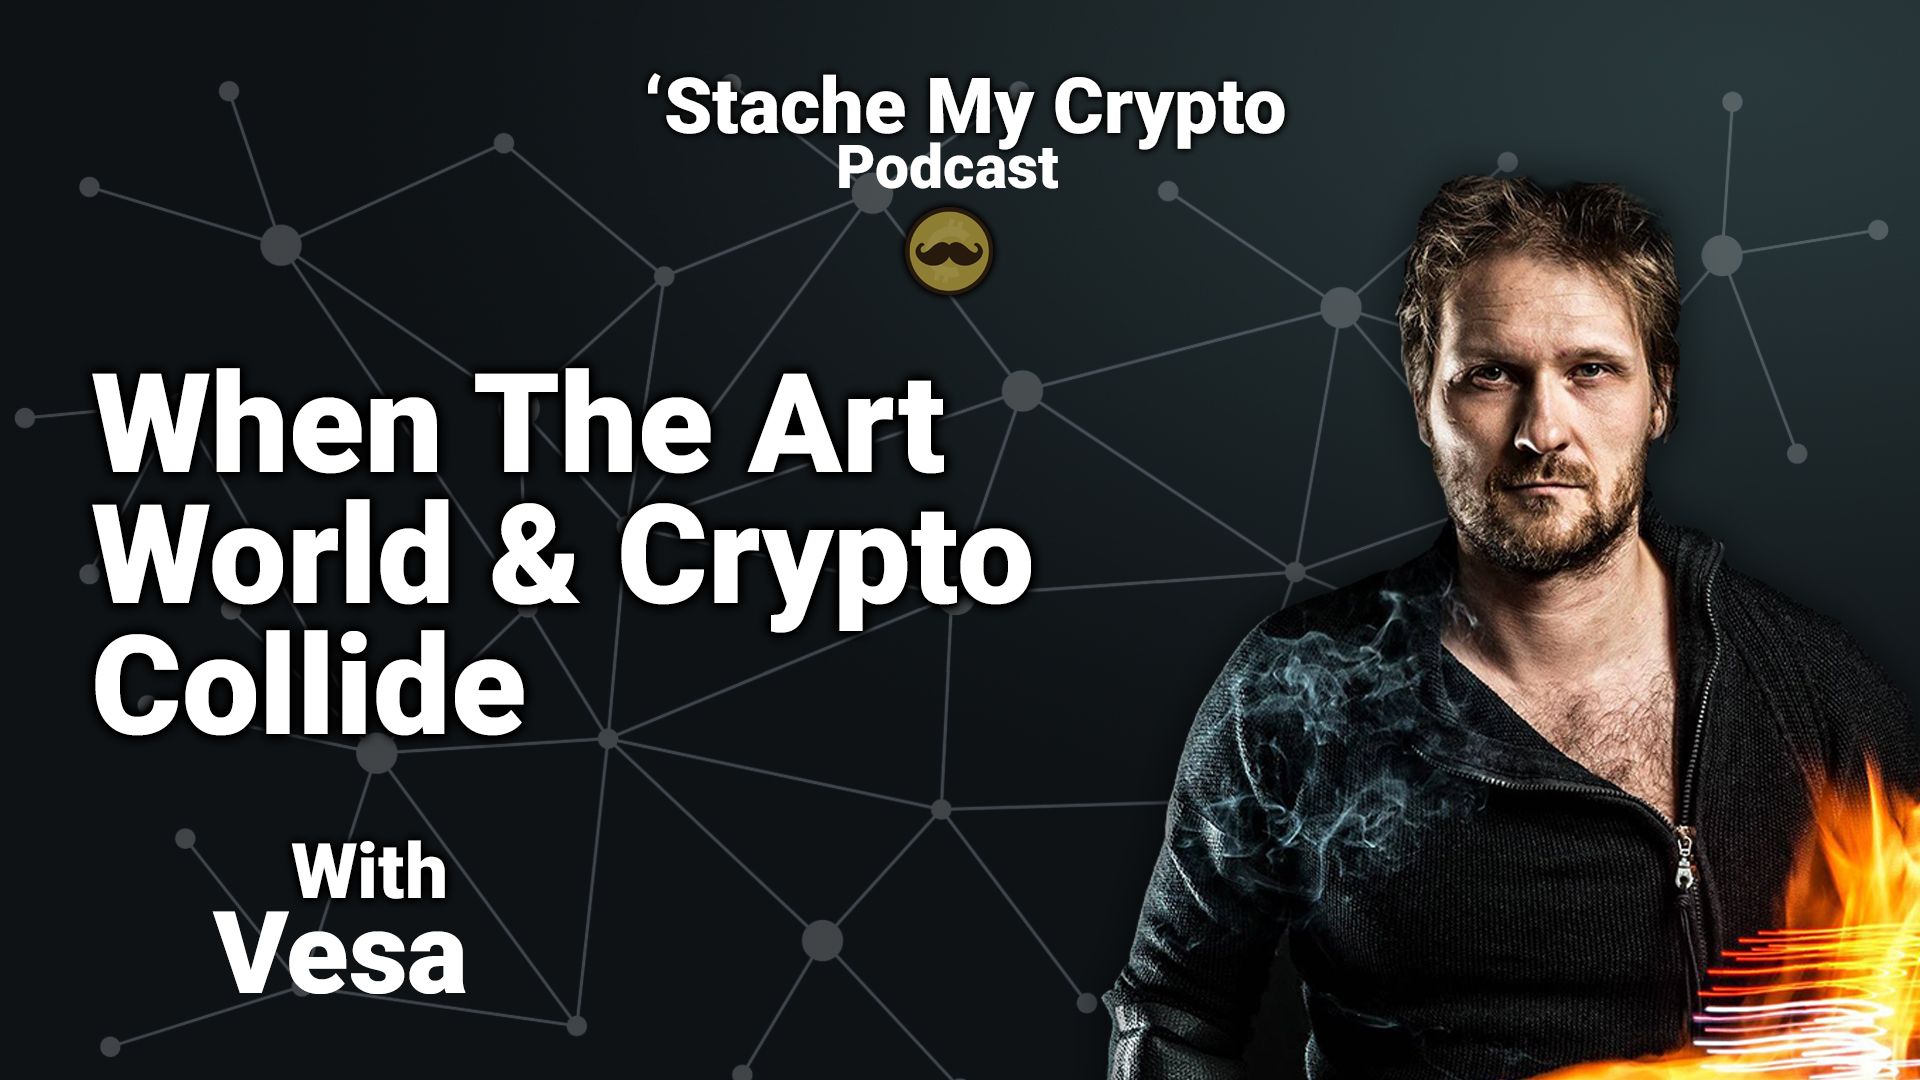 'Stache My Crypto Podcast Vesa crypto artist